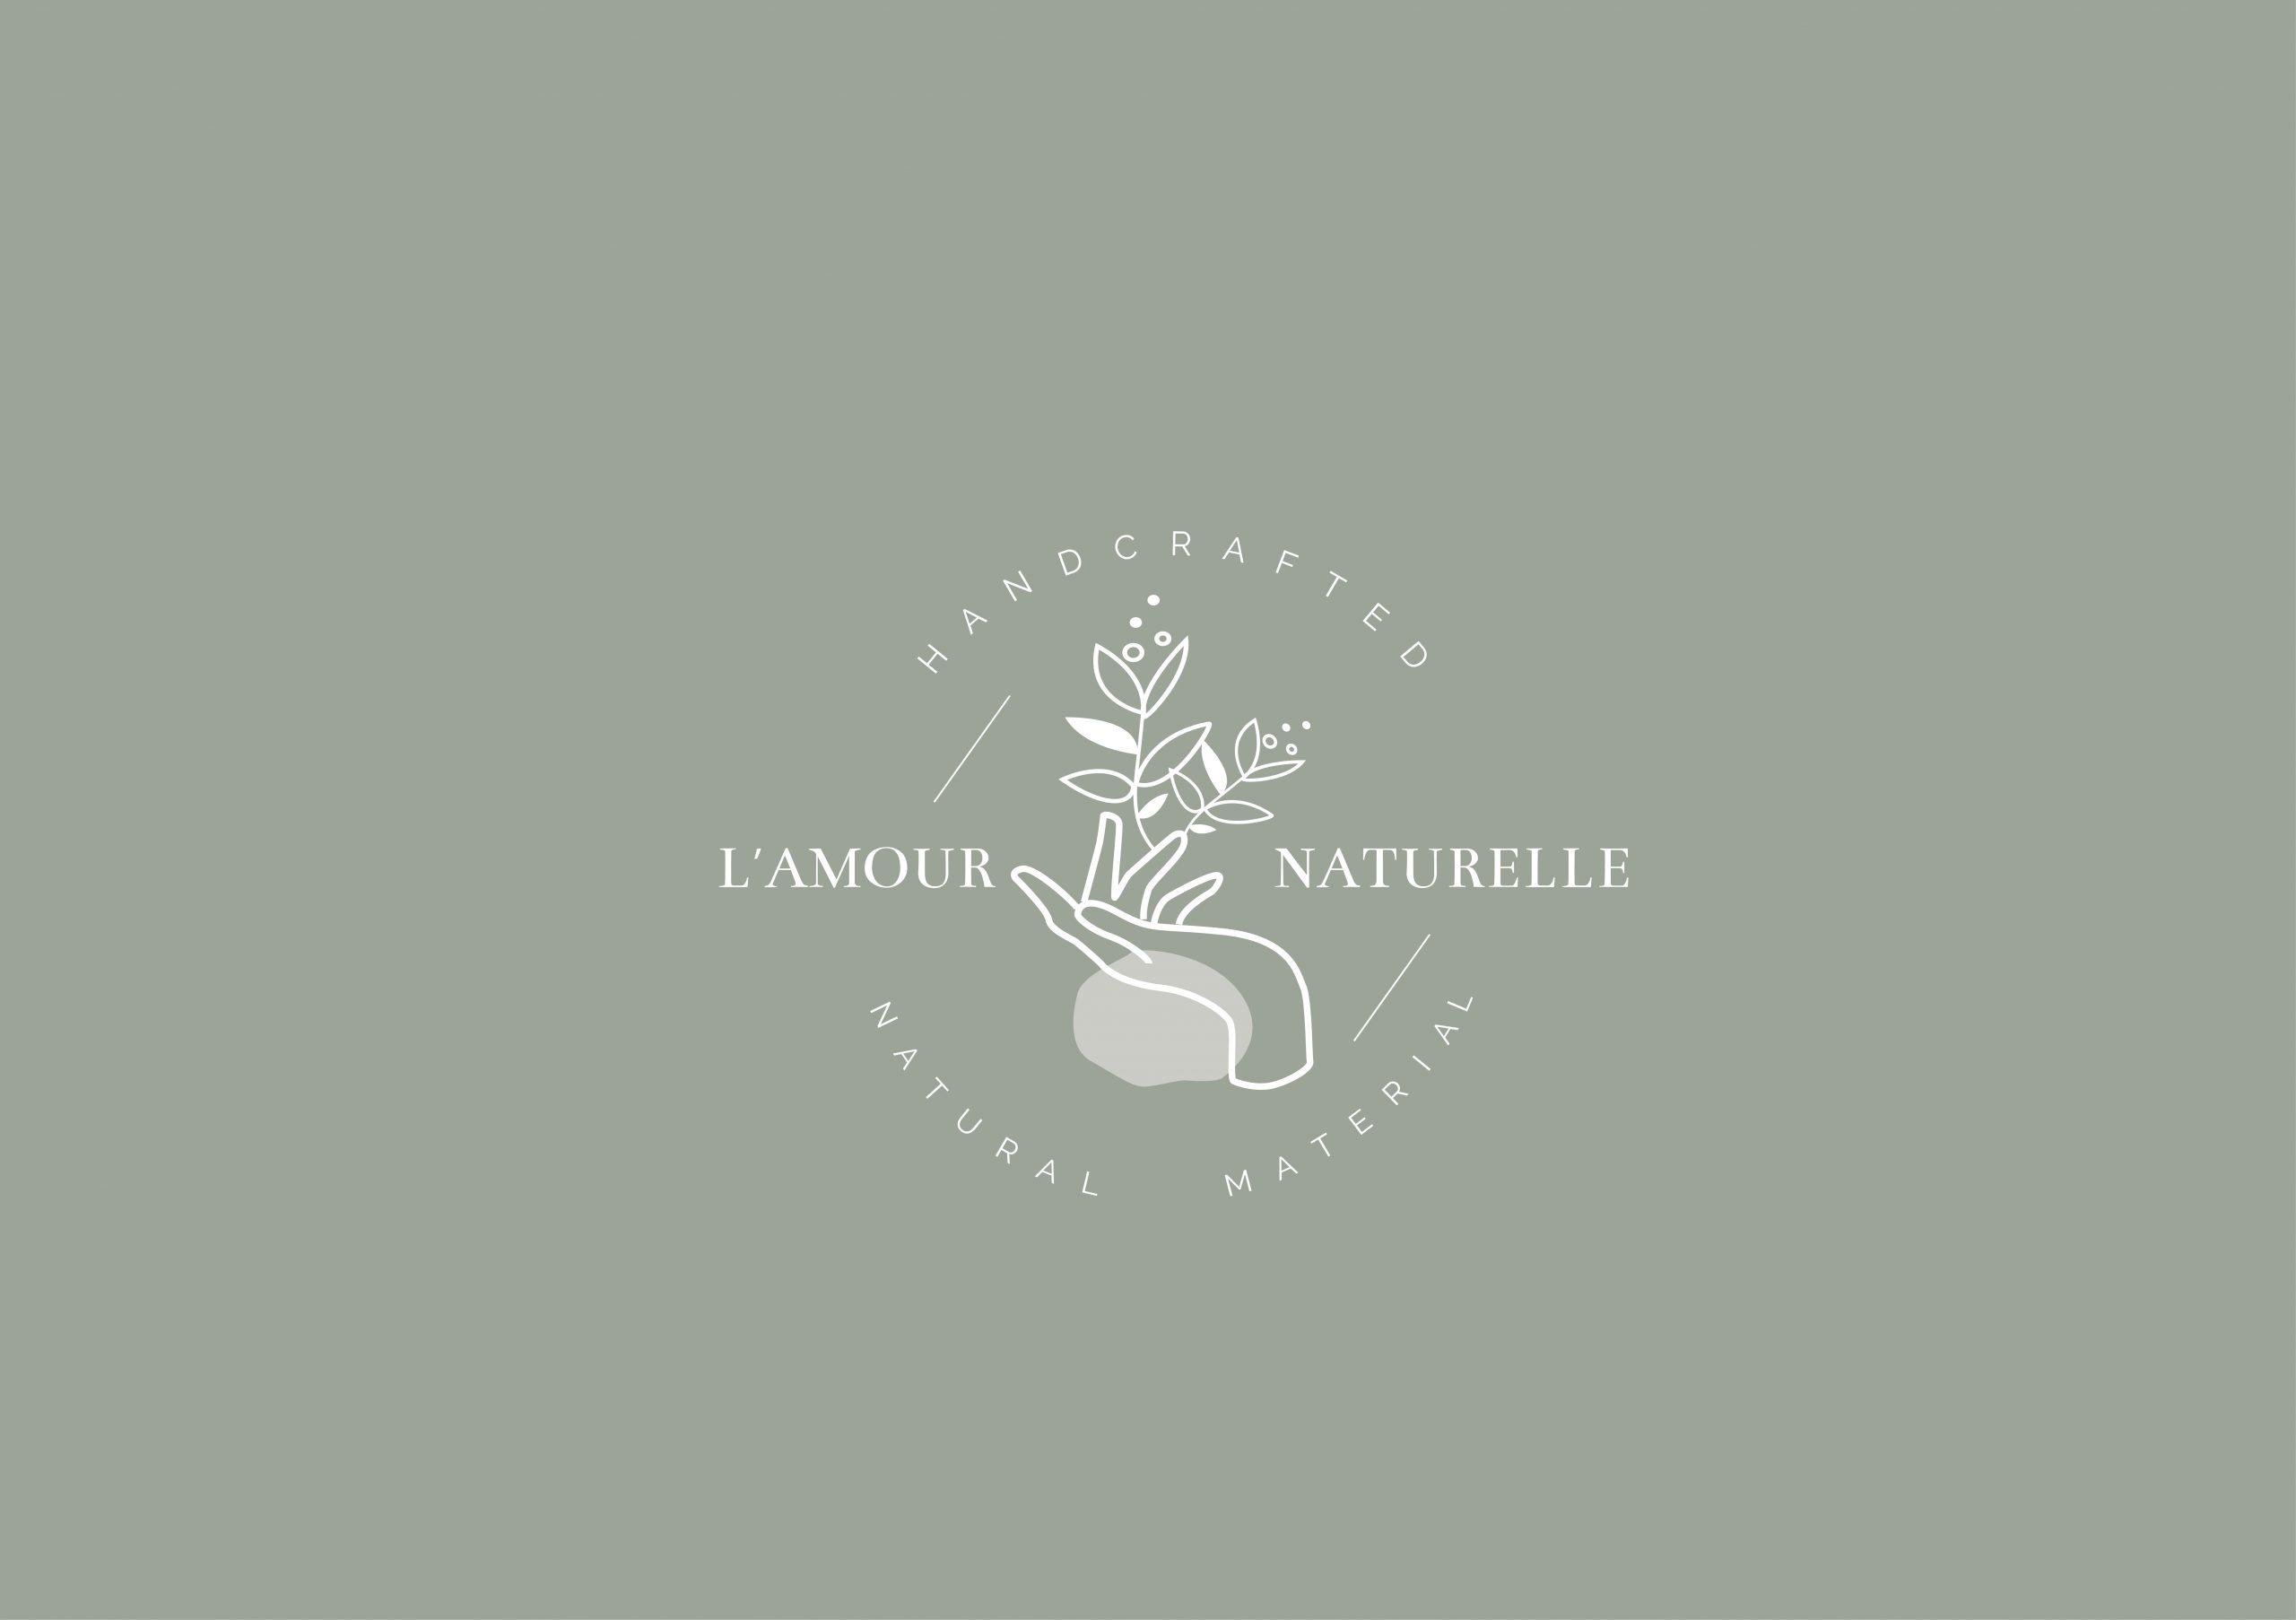 Lamour naturelle purpose 01 scaled